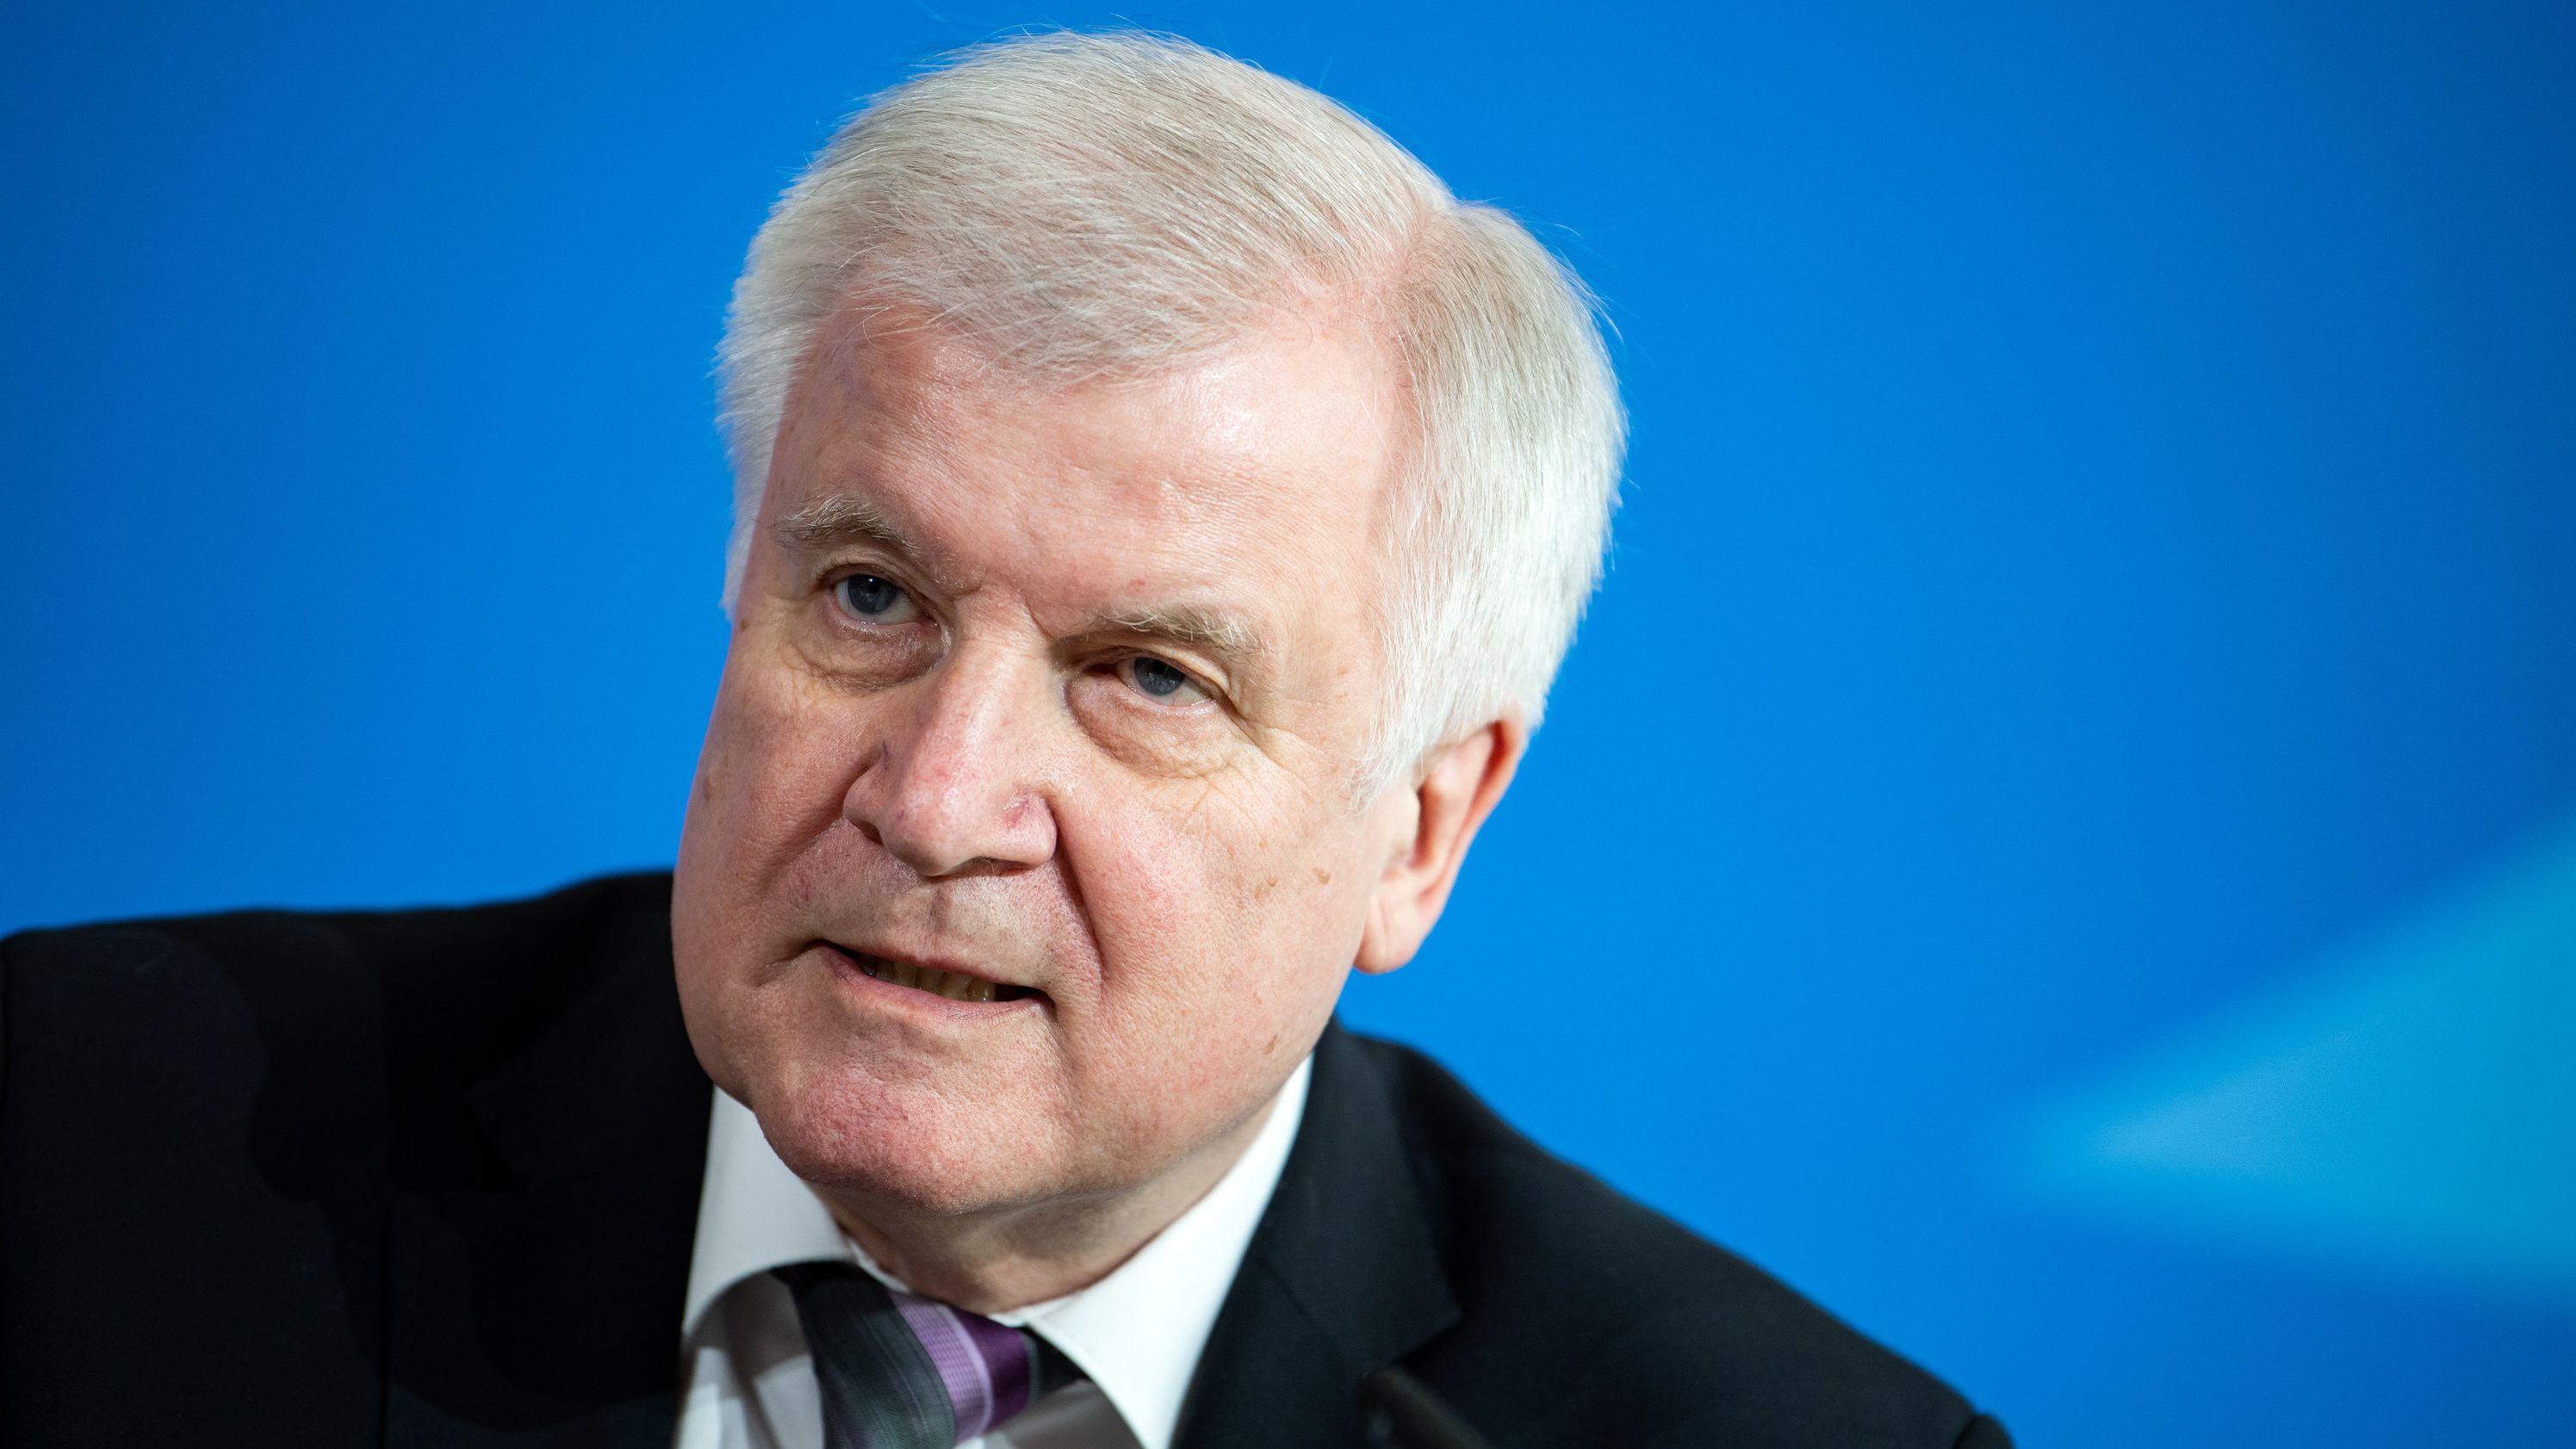 Bundesinnenminister Seehofer will bundesweit die Schleierfahndung stärken. Das sorgt für Kritik.